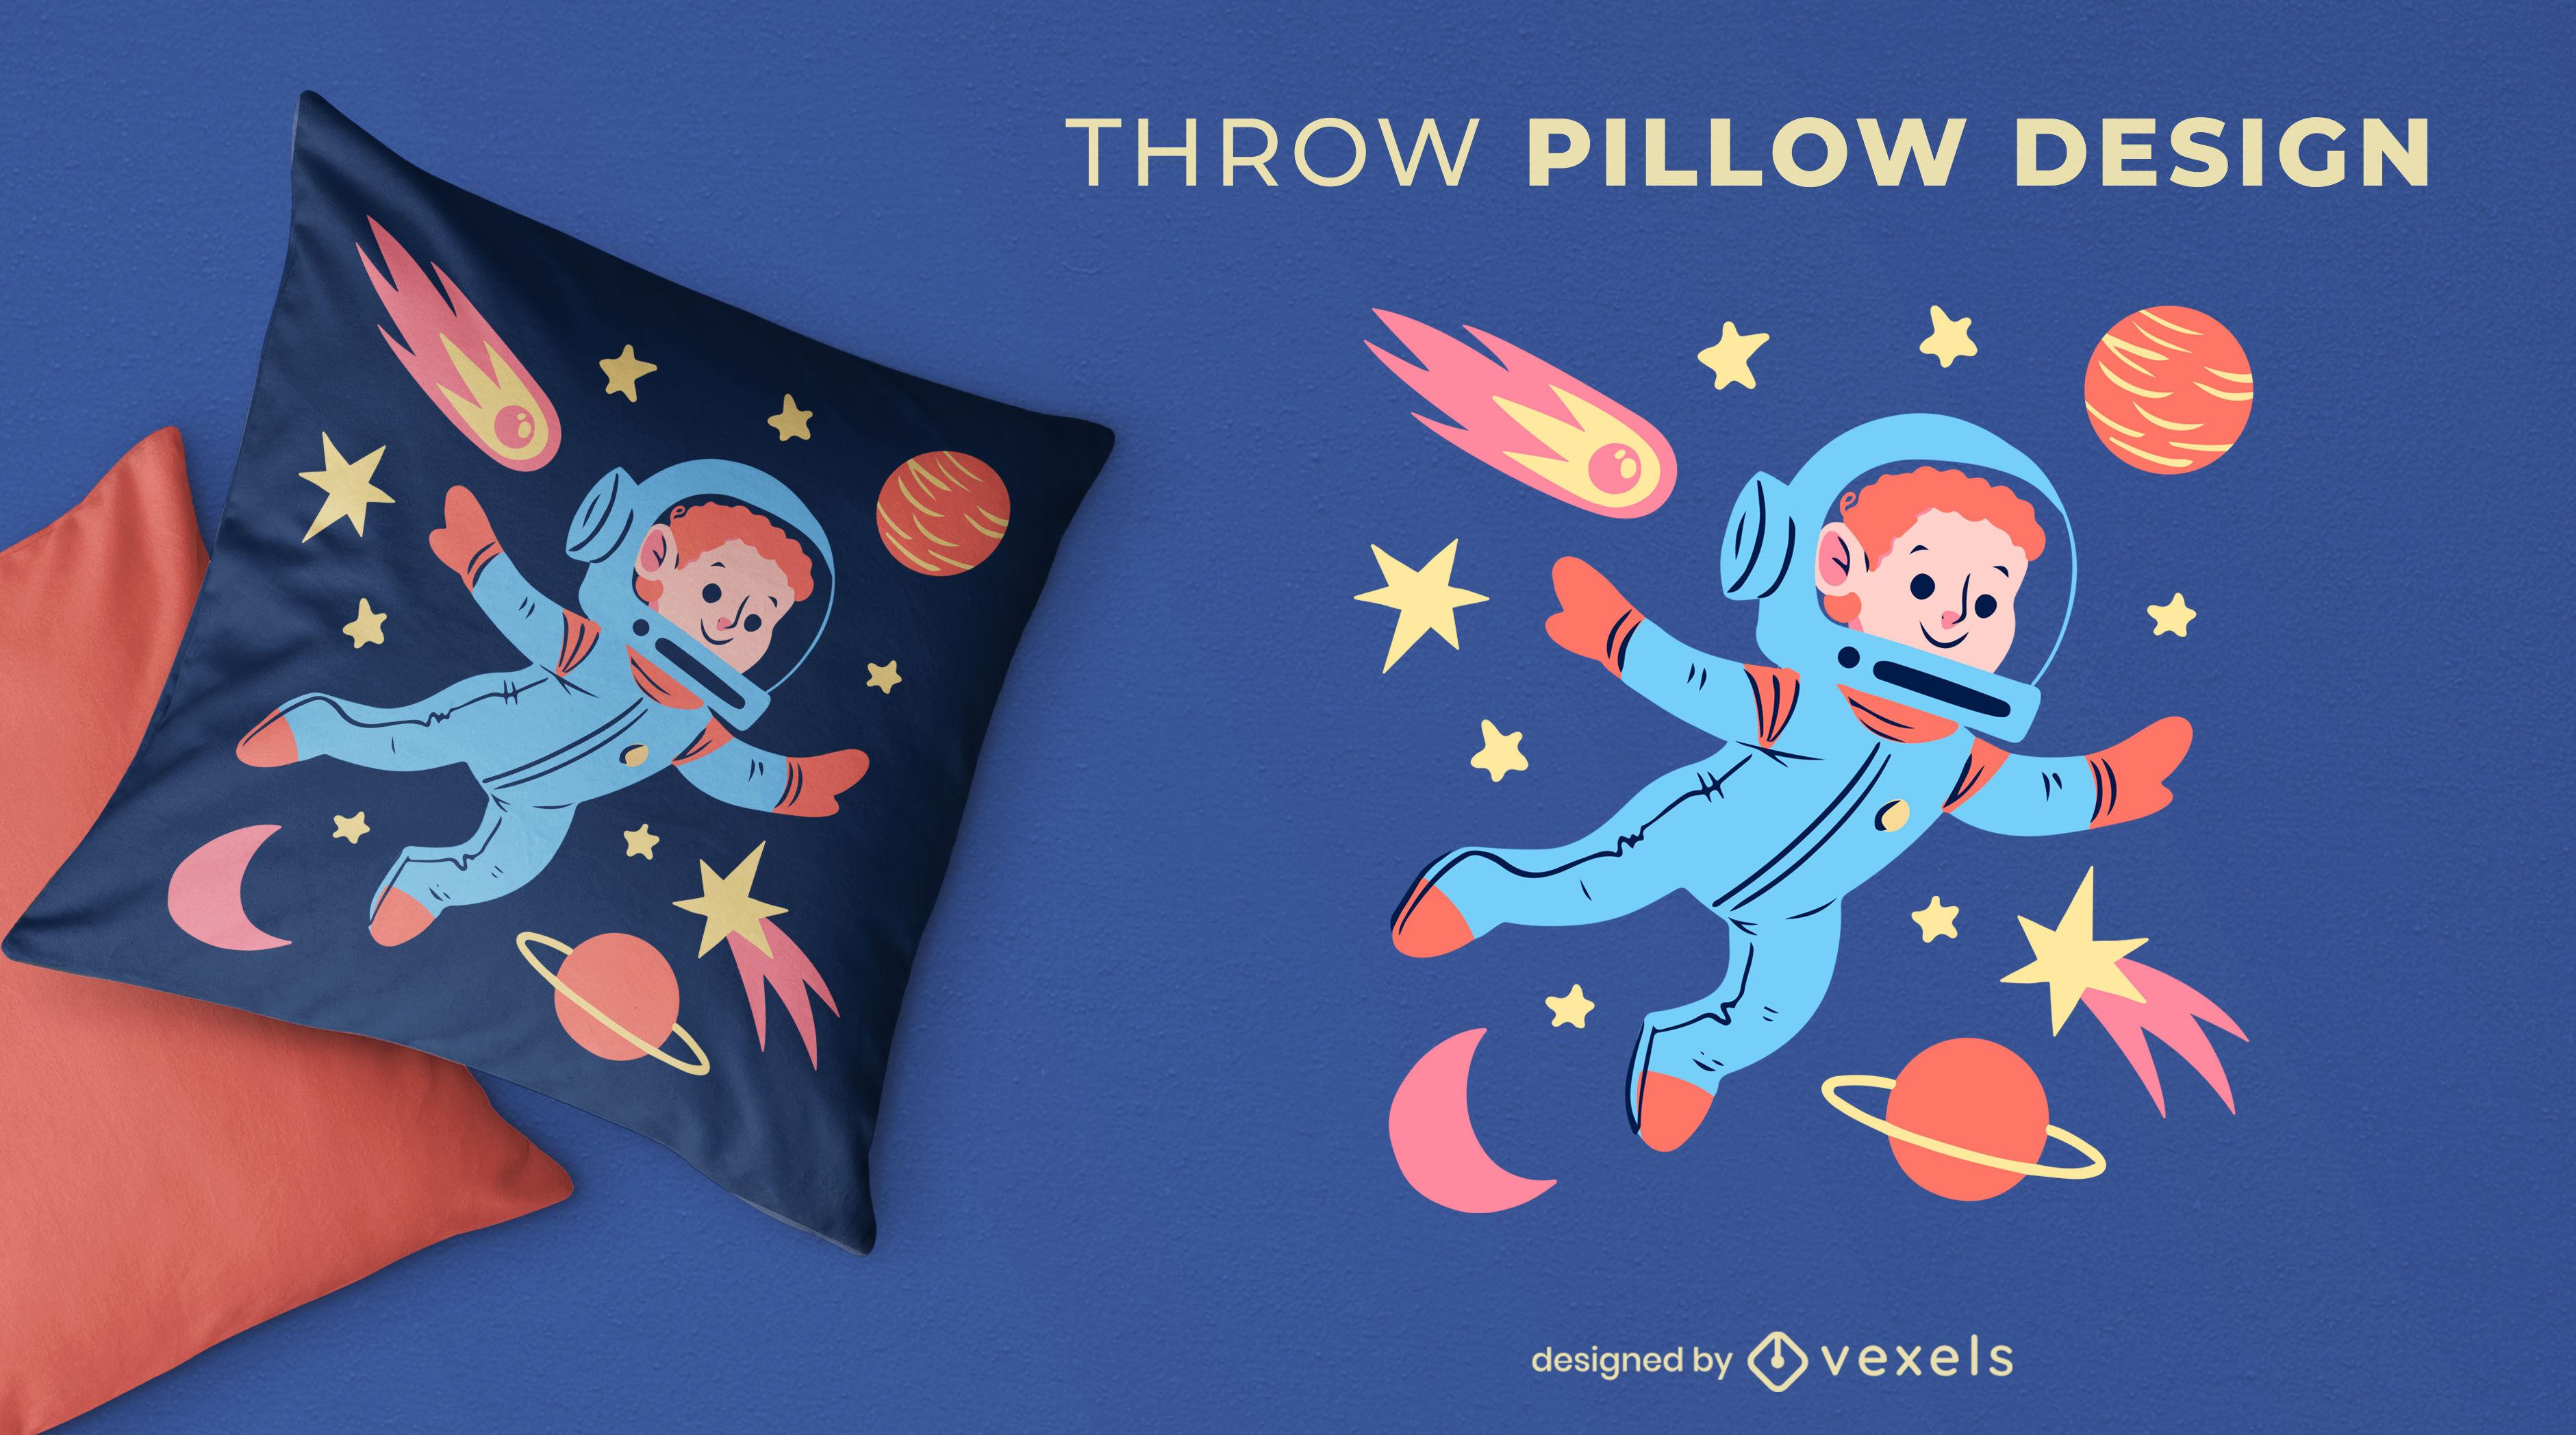 Diseño de almohada de tiro espacial infantil astronauta